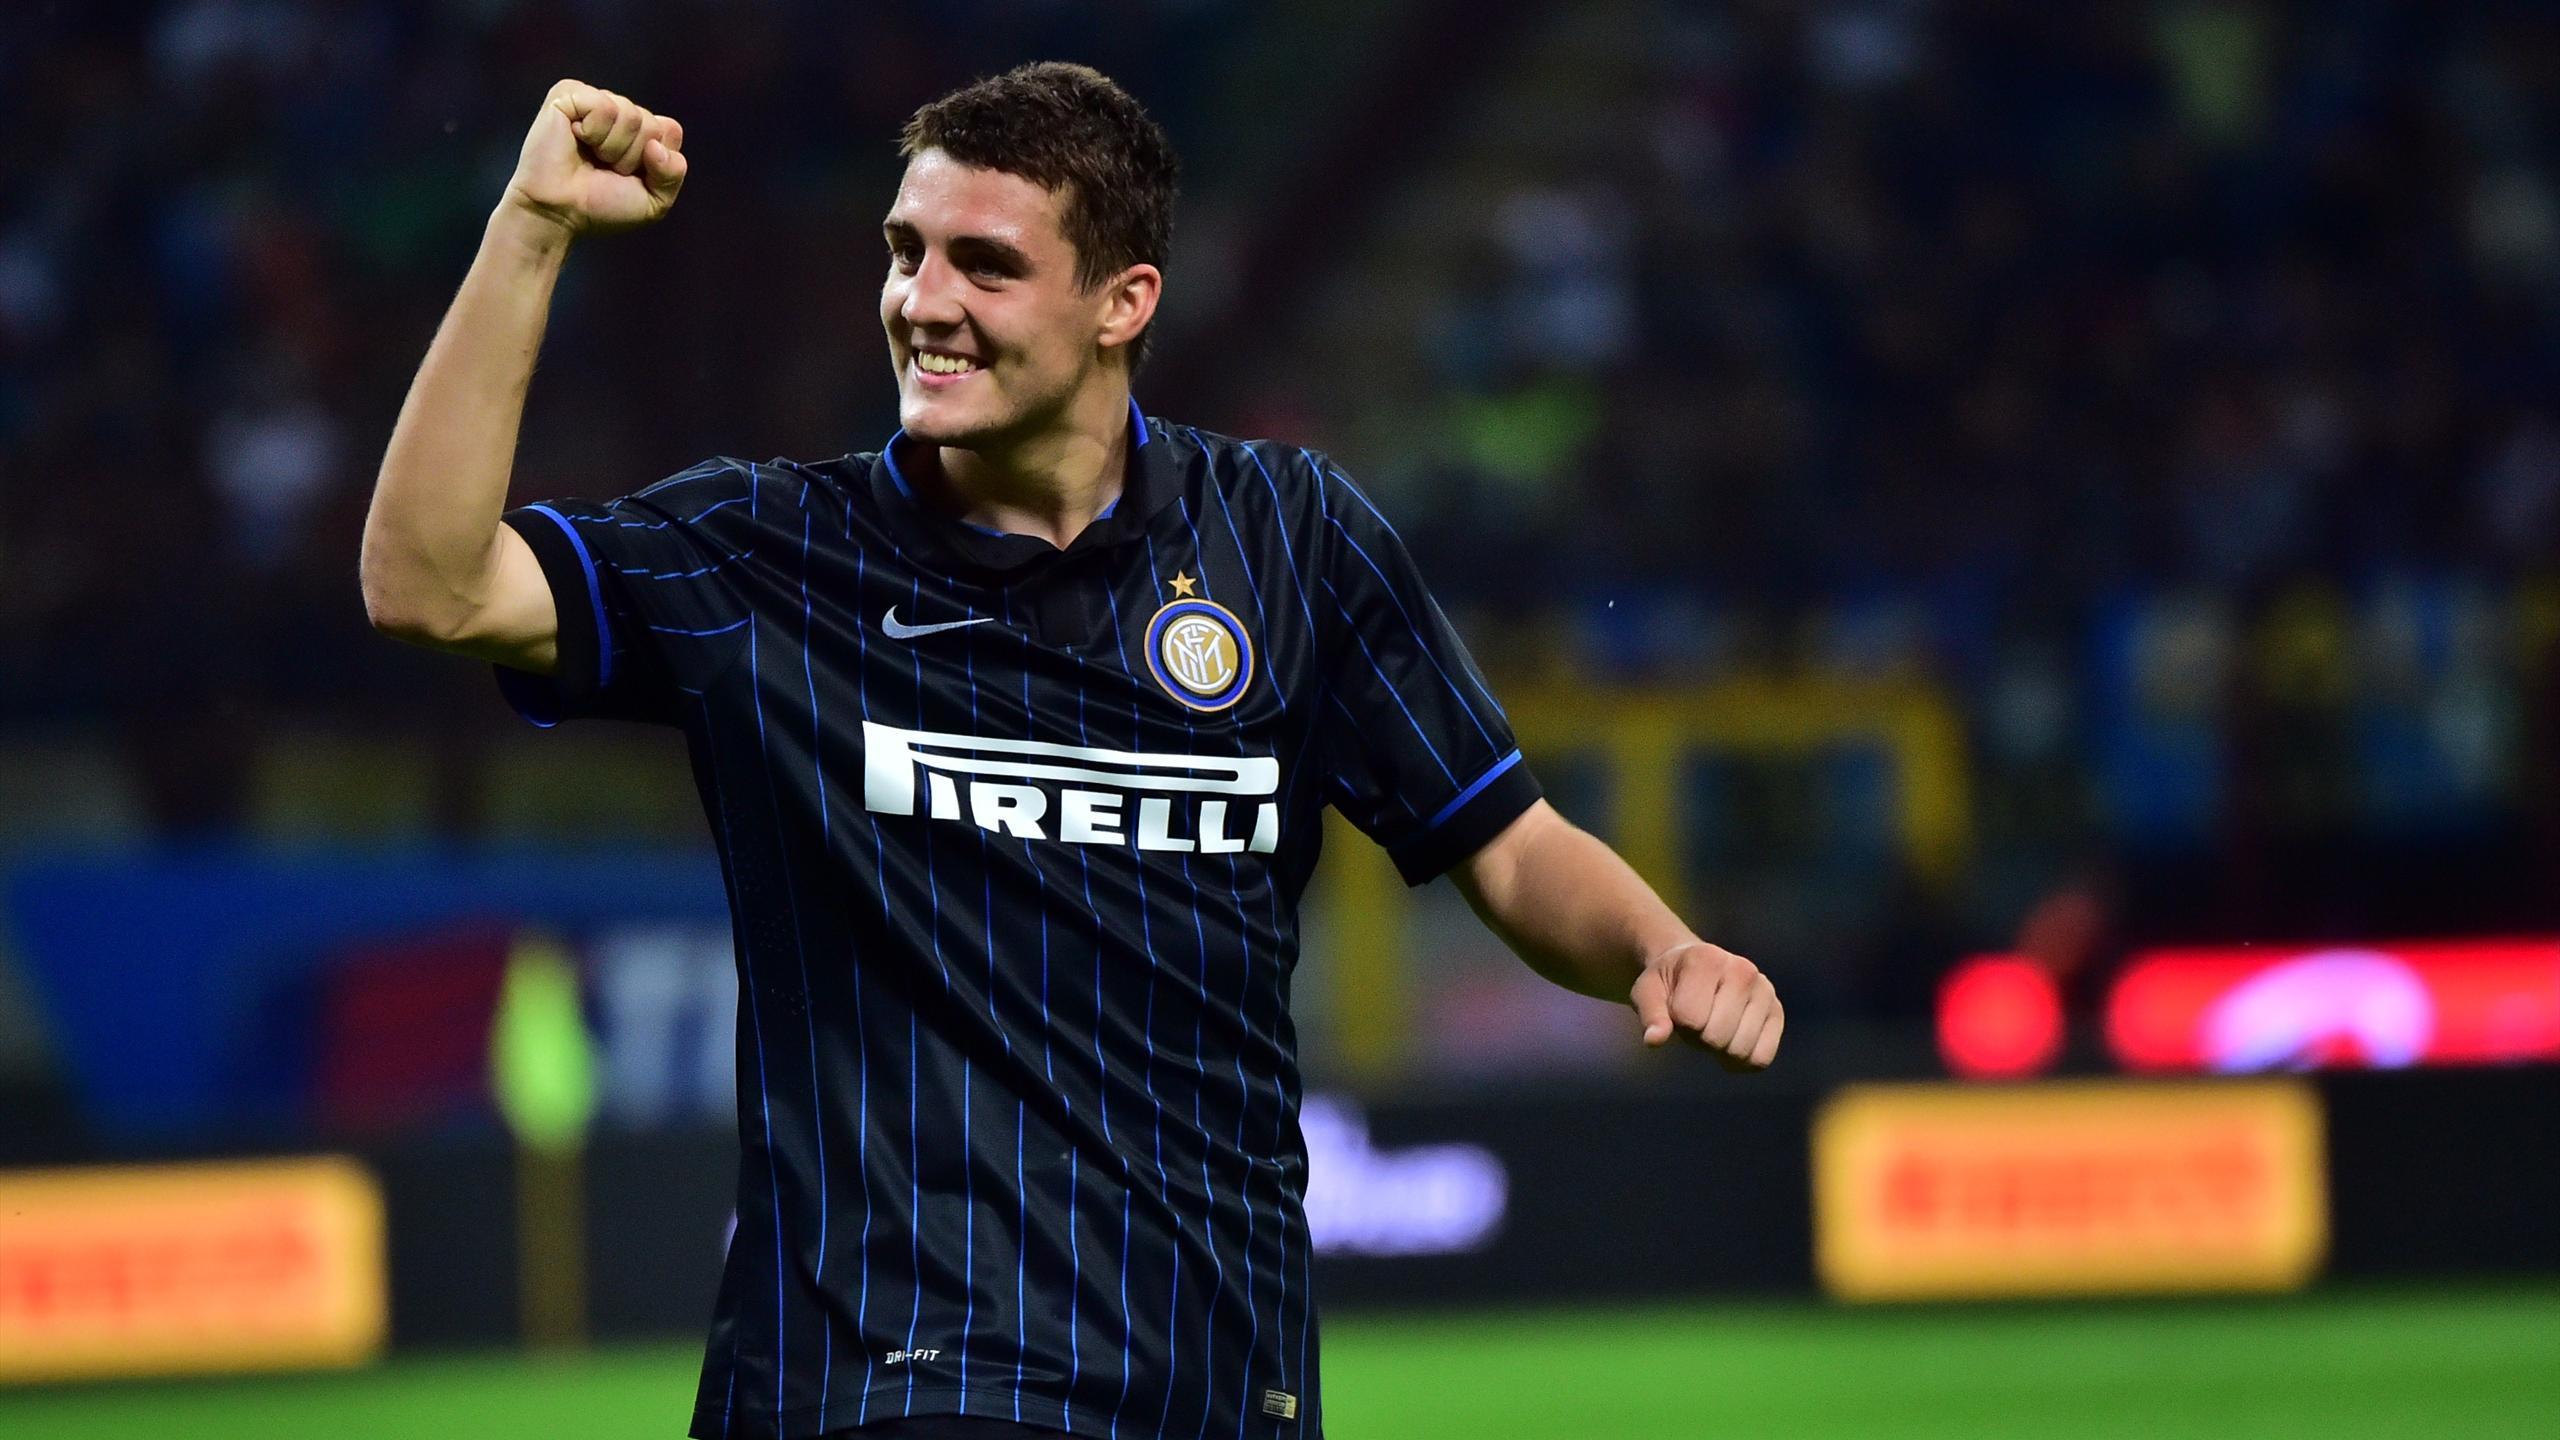 Serie A, Inter: ben 11 giocatori convocati dalle nazionali